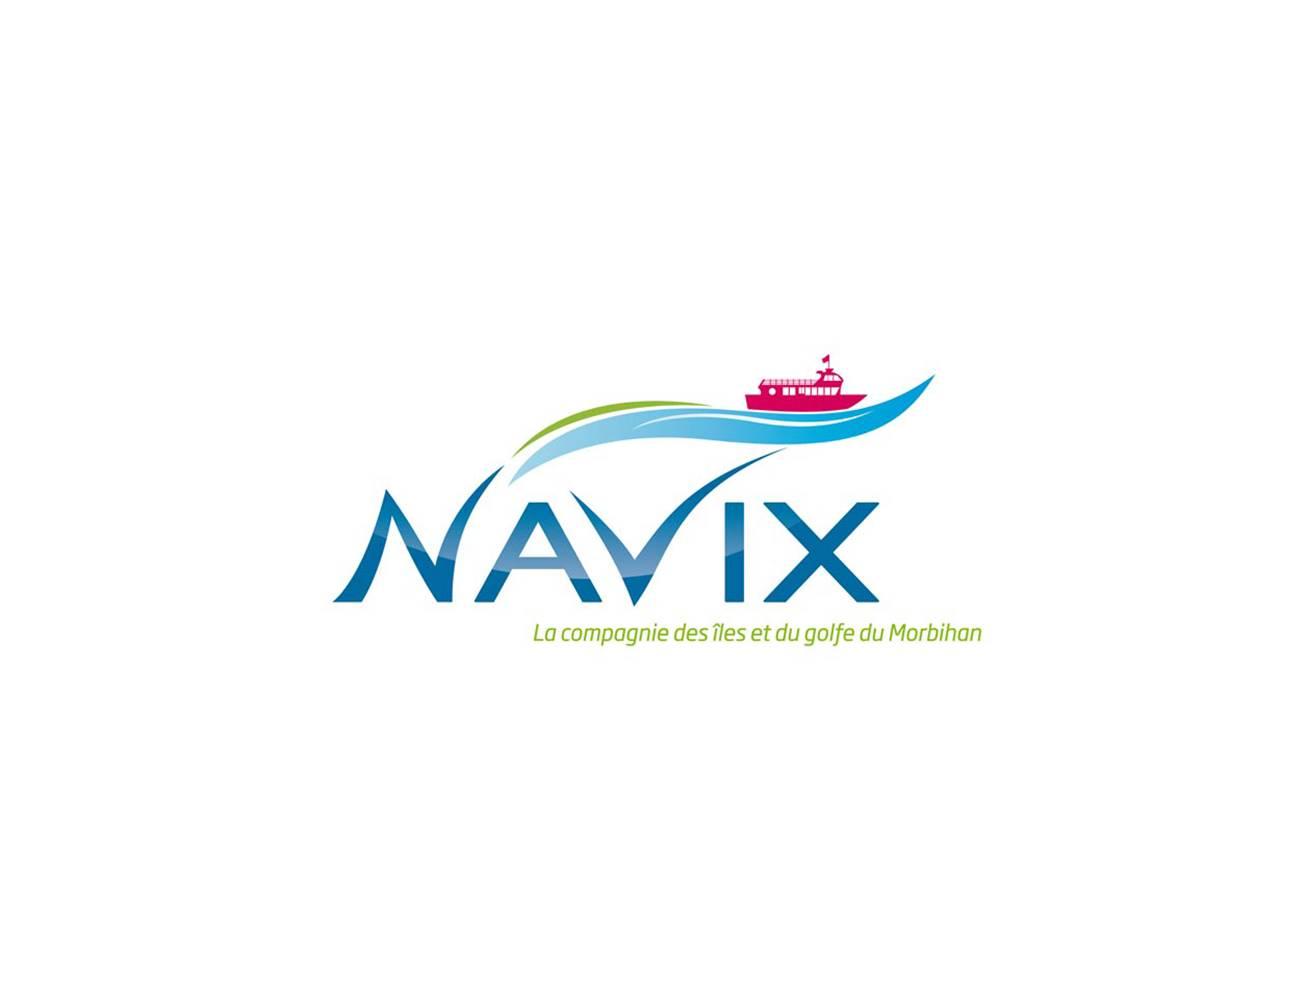 Navix-Vannes-Golfe-du-Morbihan-Bretagne sud © Navix